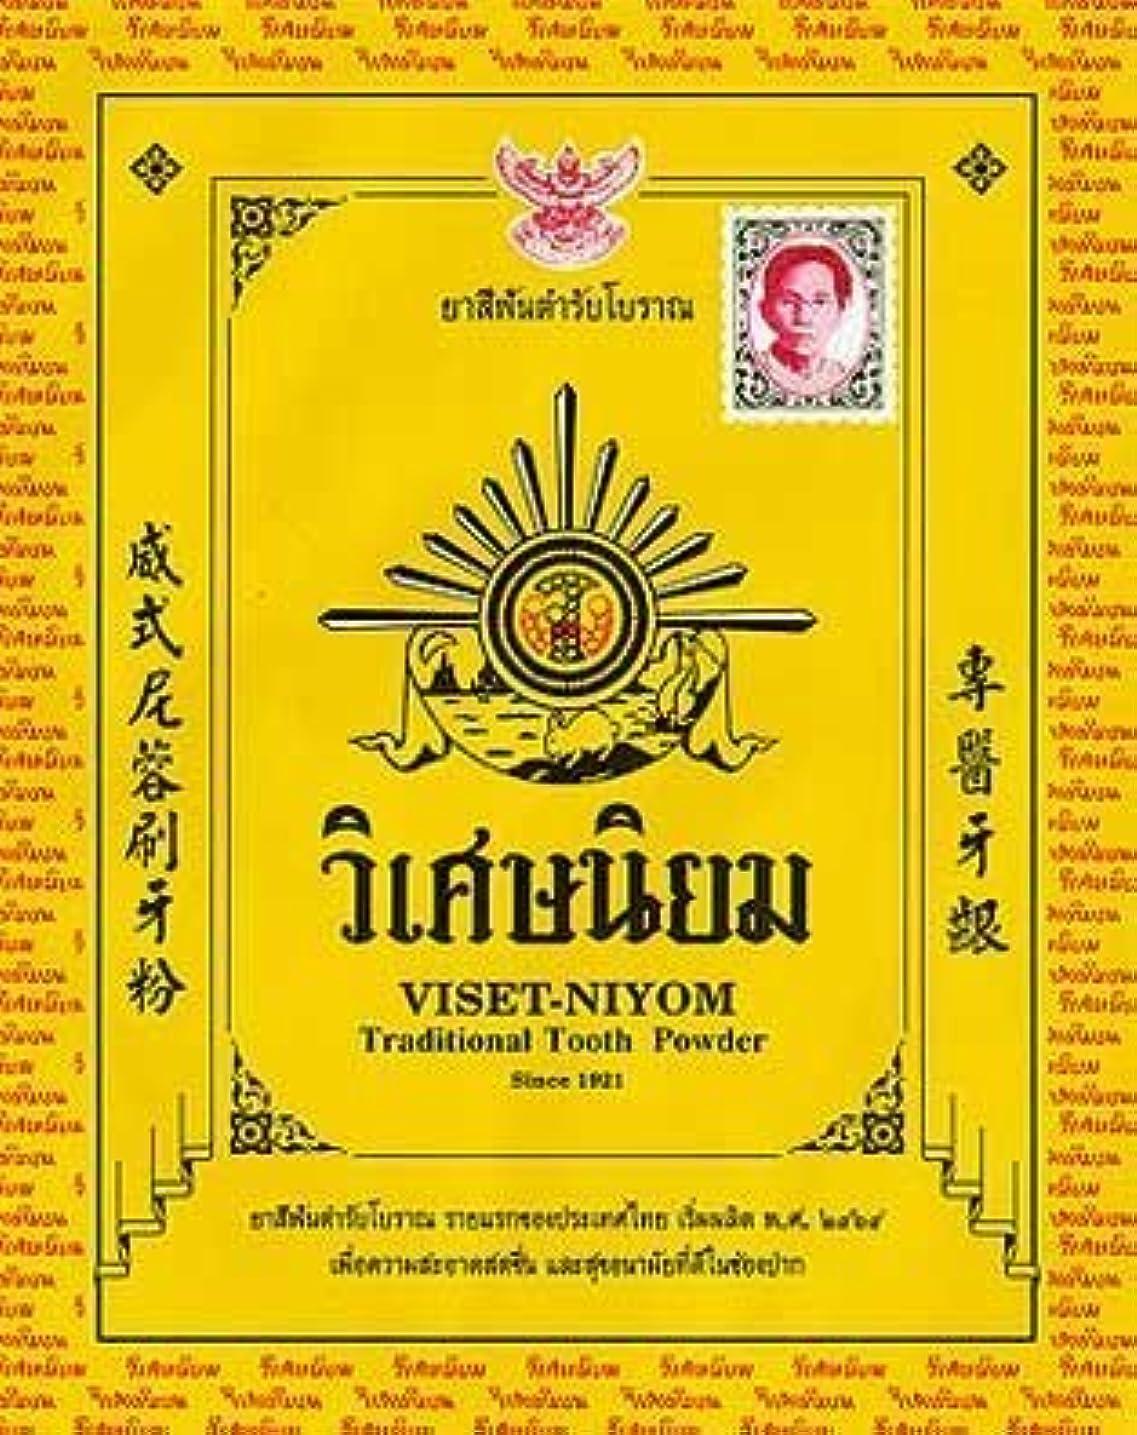 口頭シビックエントリ3 Sachets X 40g. of Viset Niyom Herbal whitening Toothpaste Powder Thai Original Traditional Toothpaste 120 g....